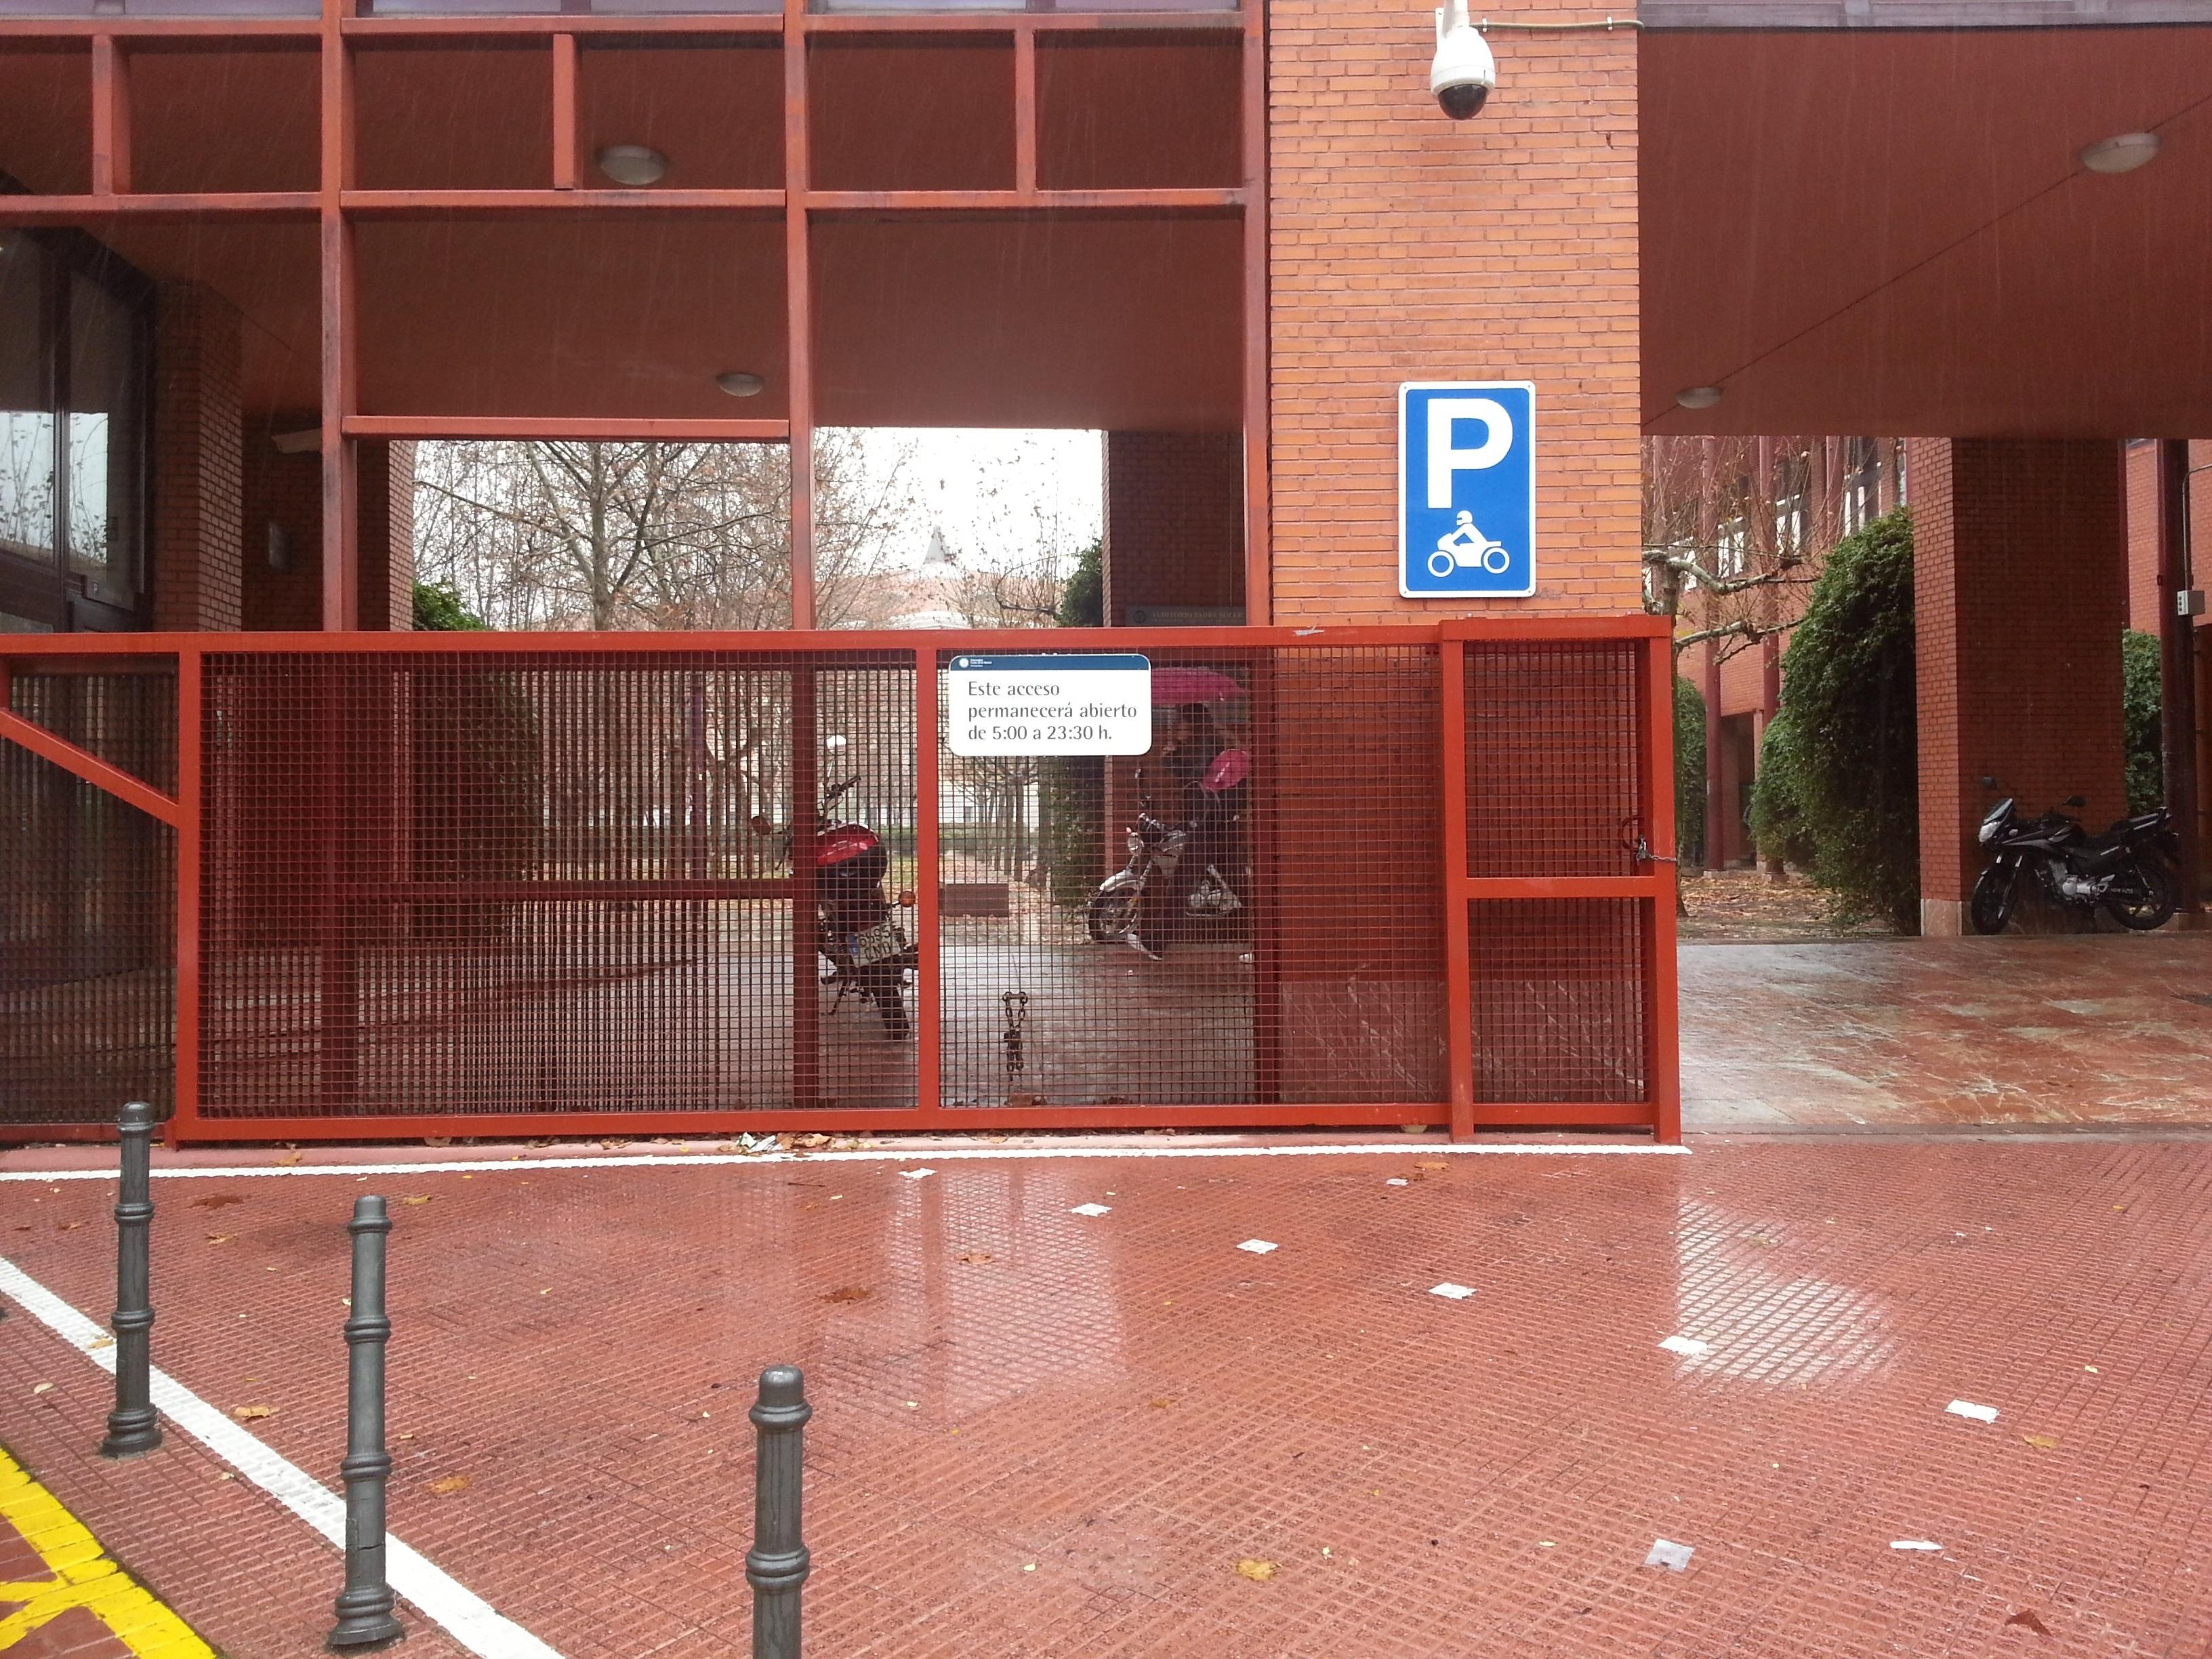 Pleno exige a la Carlos III que no cierre el campus por la noche a pesar de los actos vandálicos registrados